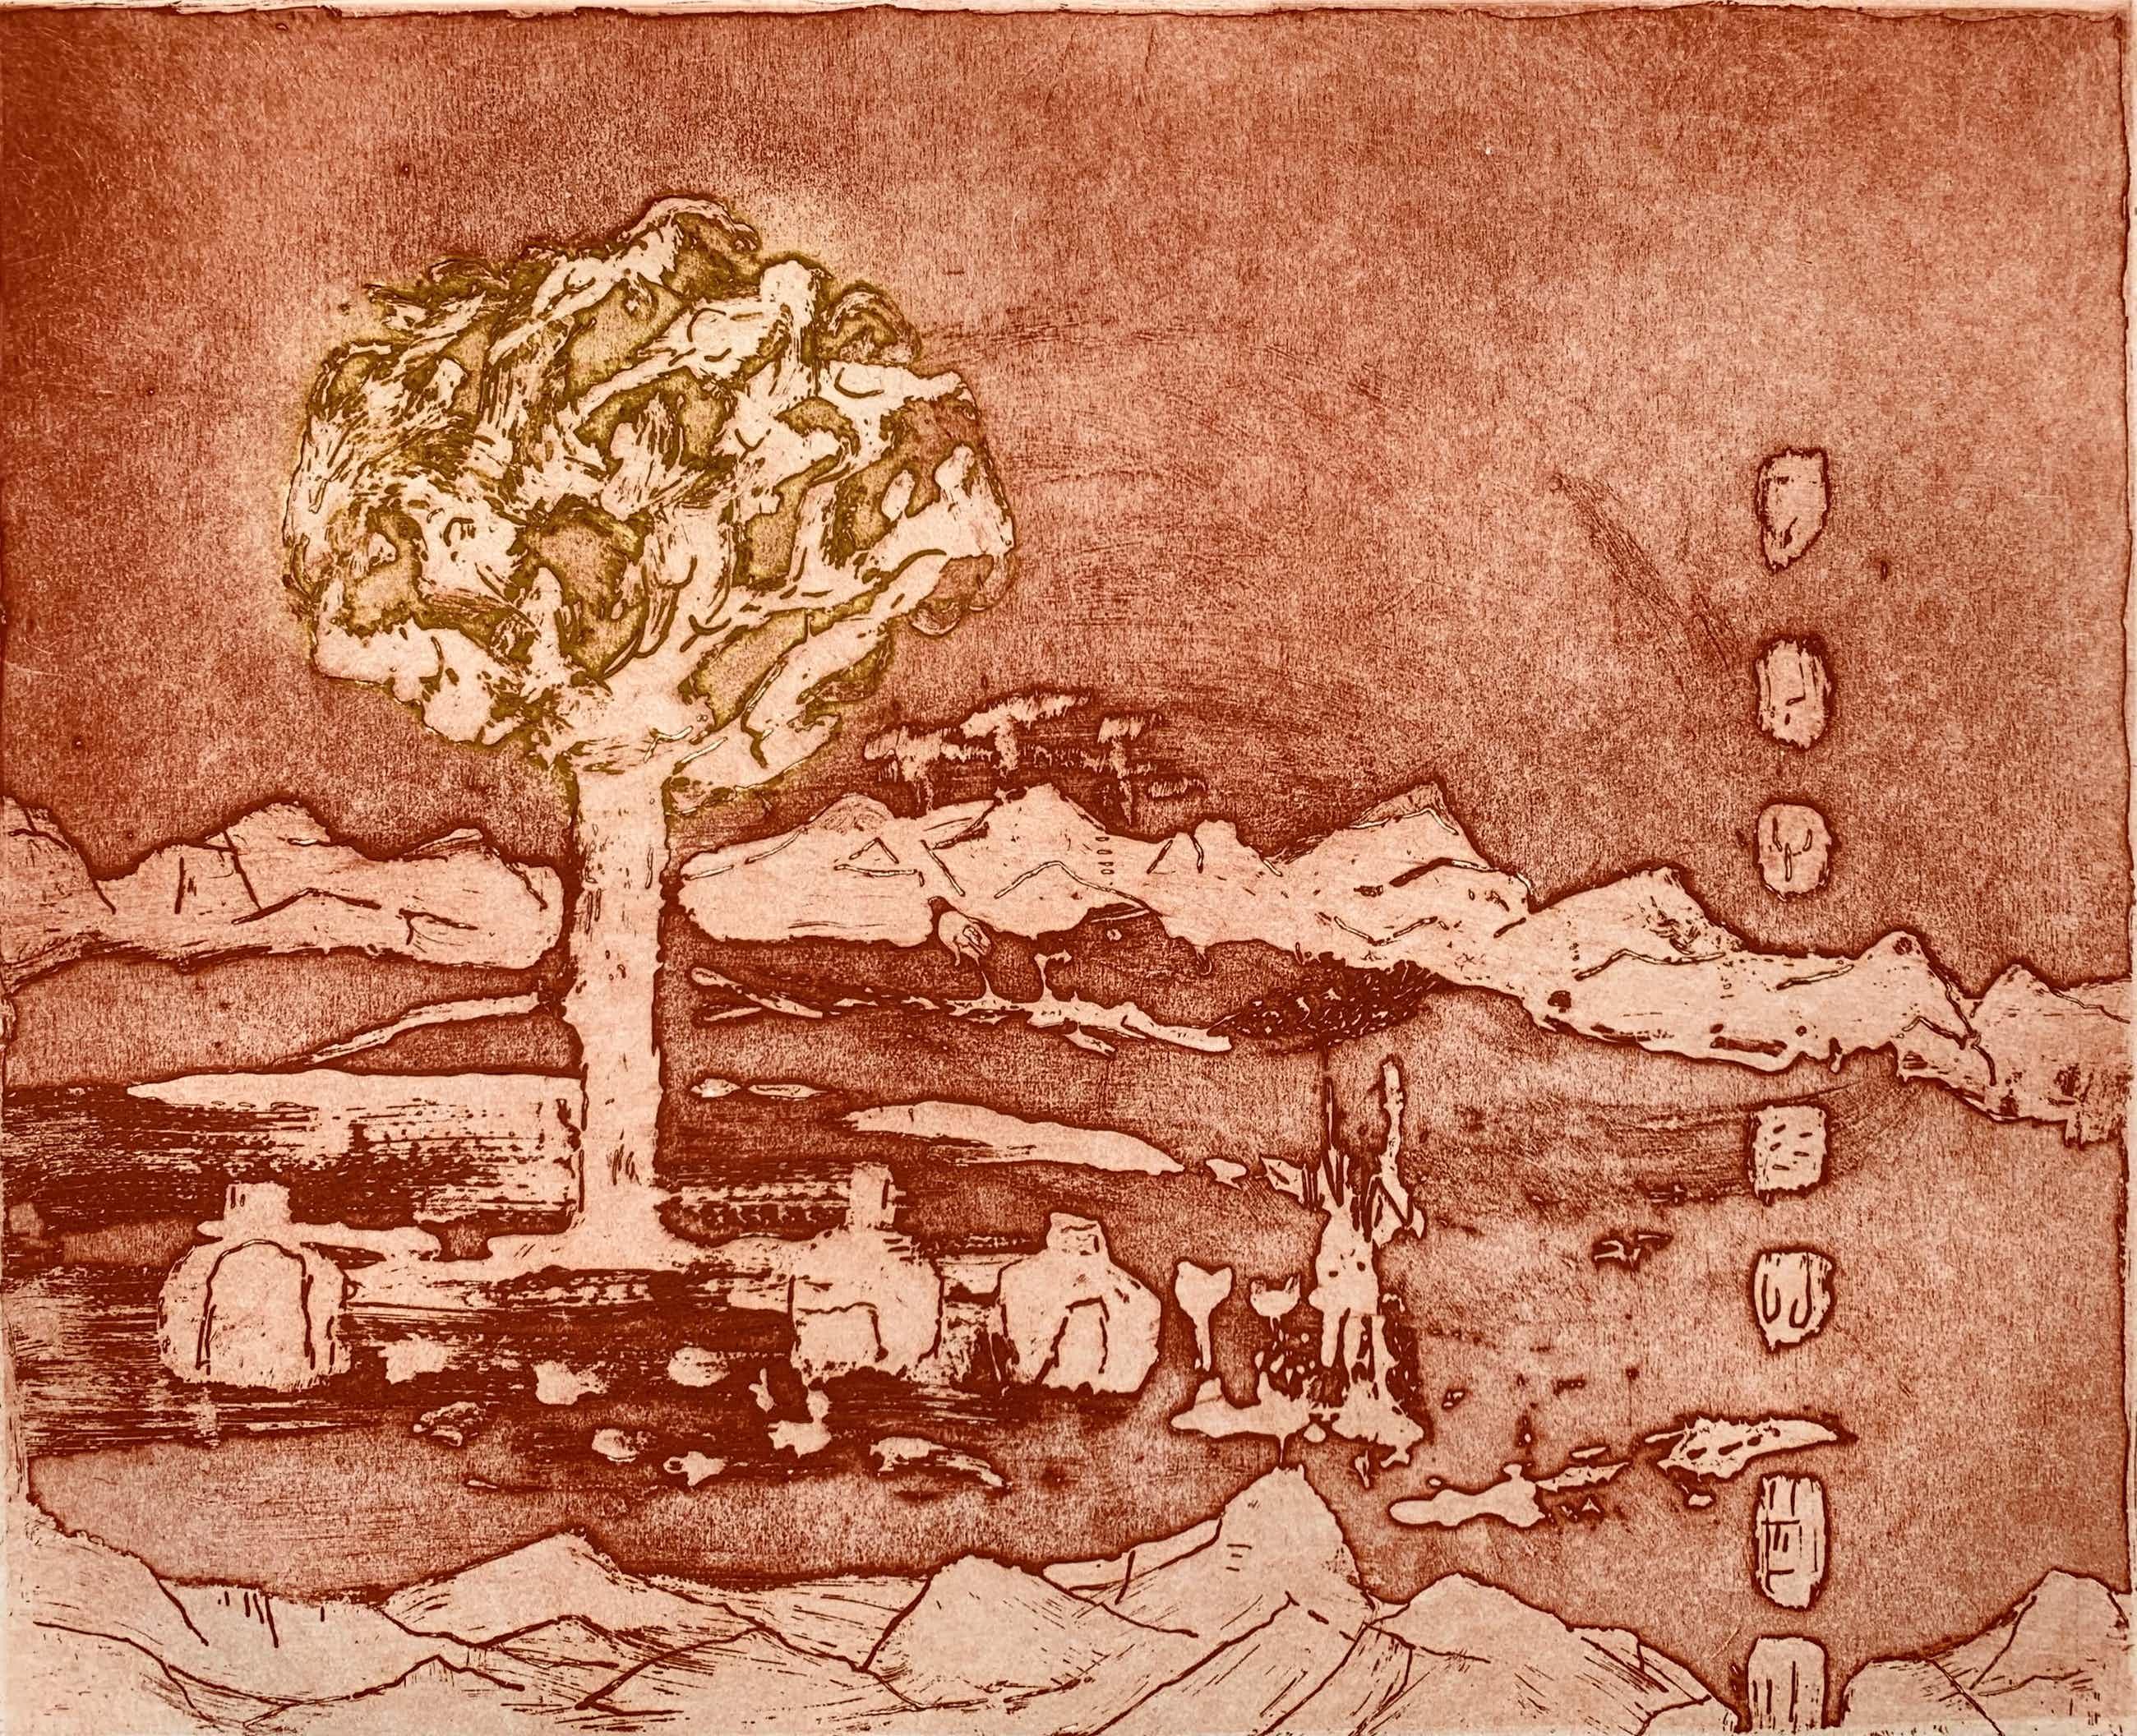 Jan Montyn - kleurenets - 'Sierra Rosario' - 1999 (KLEINE OPLAGE) kopen? Bied vanaf 120!